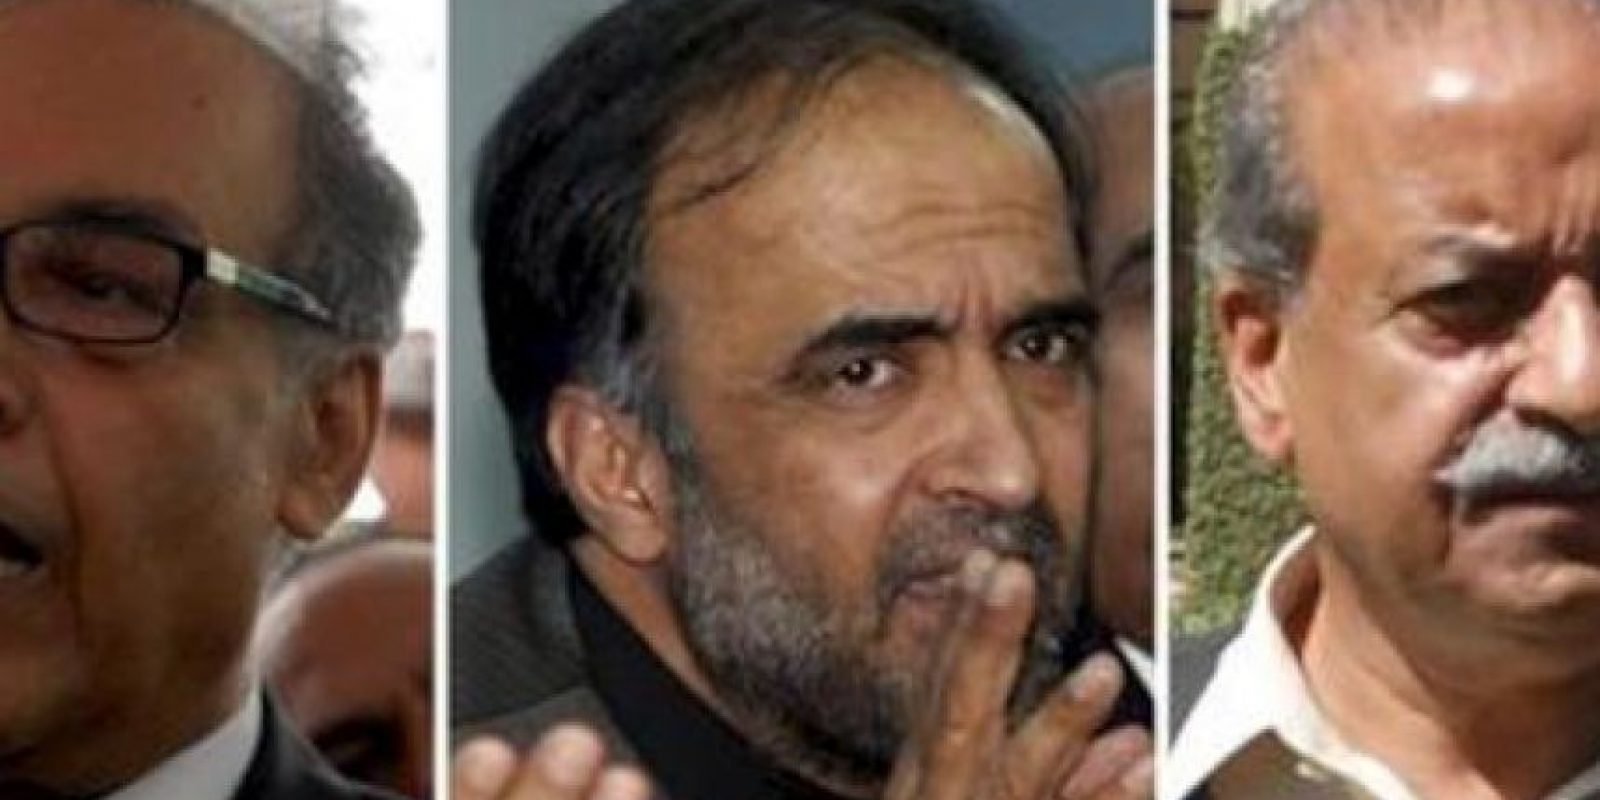 Candidatos a primer ministro de Pakistán, Raja Pervez Ashraf (i-d), Majdum Shahabudín y Qamar Zamán Kaira -los tres candidatos por el gubernamental Partido Popular de Pakistán (PPP)-, y los opositores Sardar Mehtab Ahmed Khan de la Liga Musulmana-N, y Fazlur Rehmán del partido islamista minoritario Jamiat Ulema-e-Islam. EFE